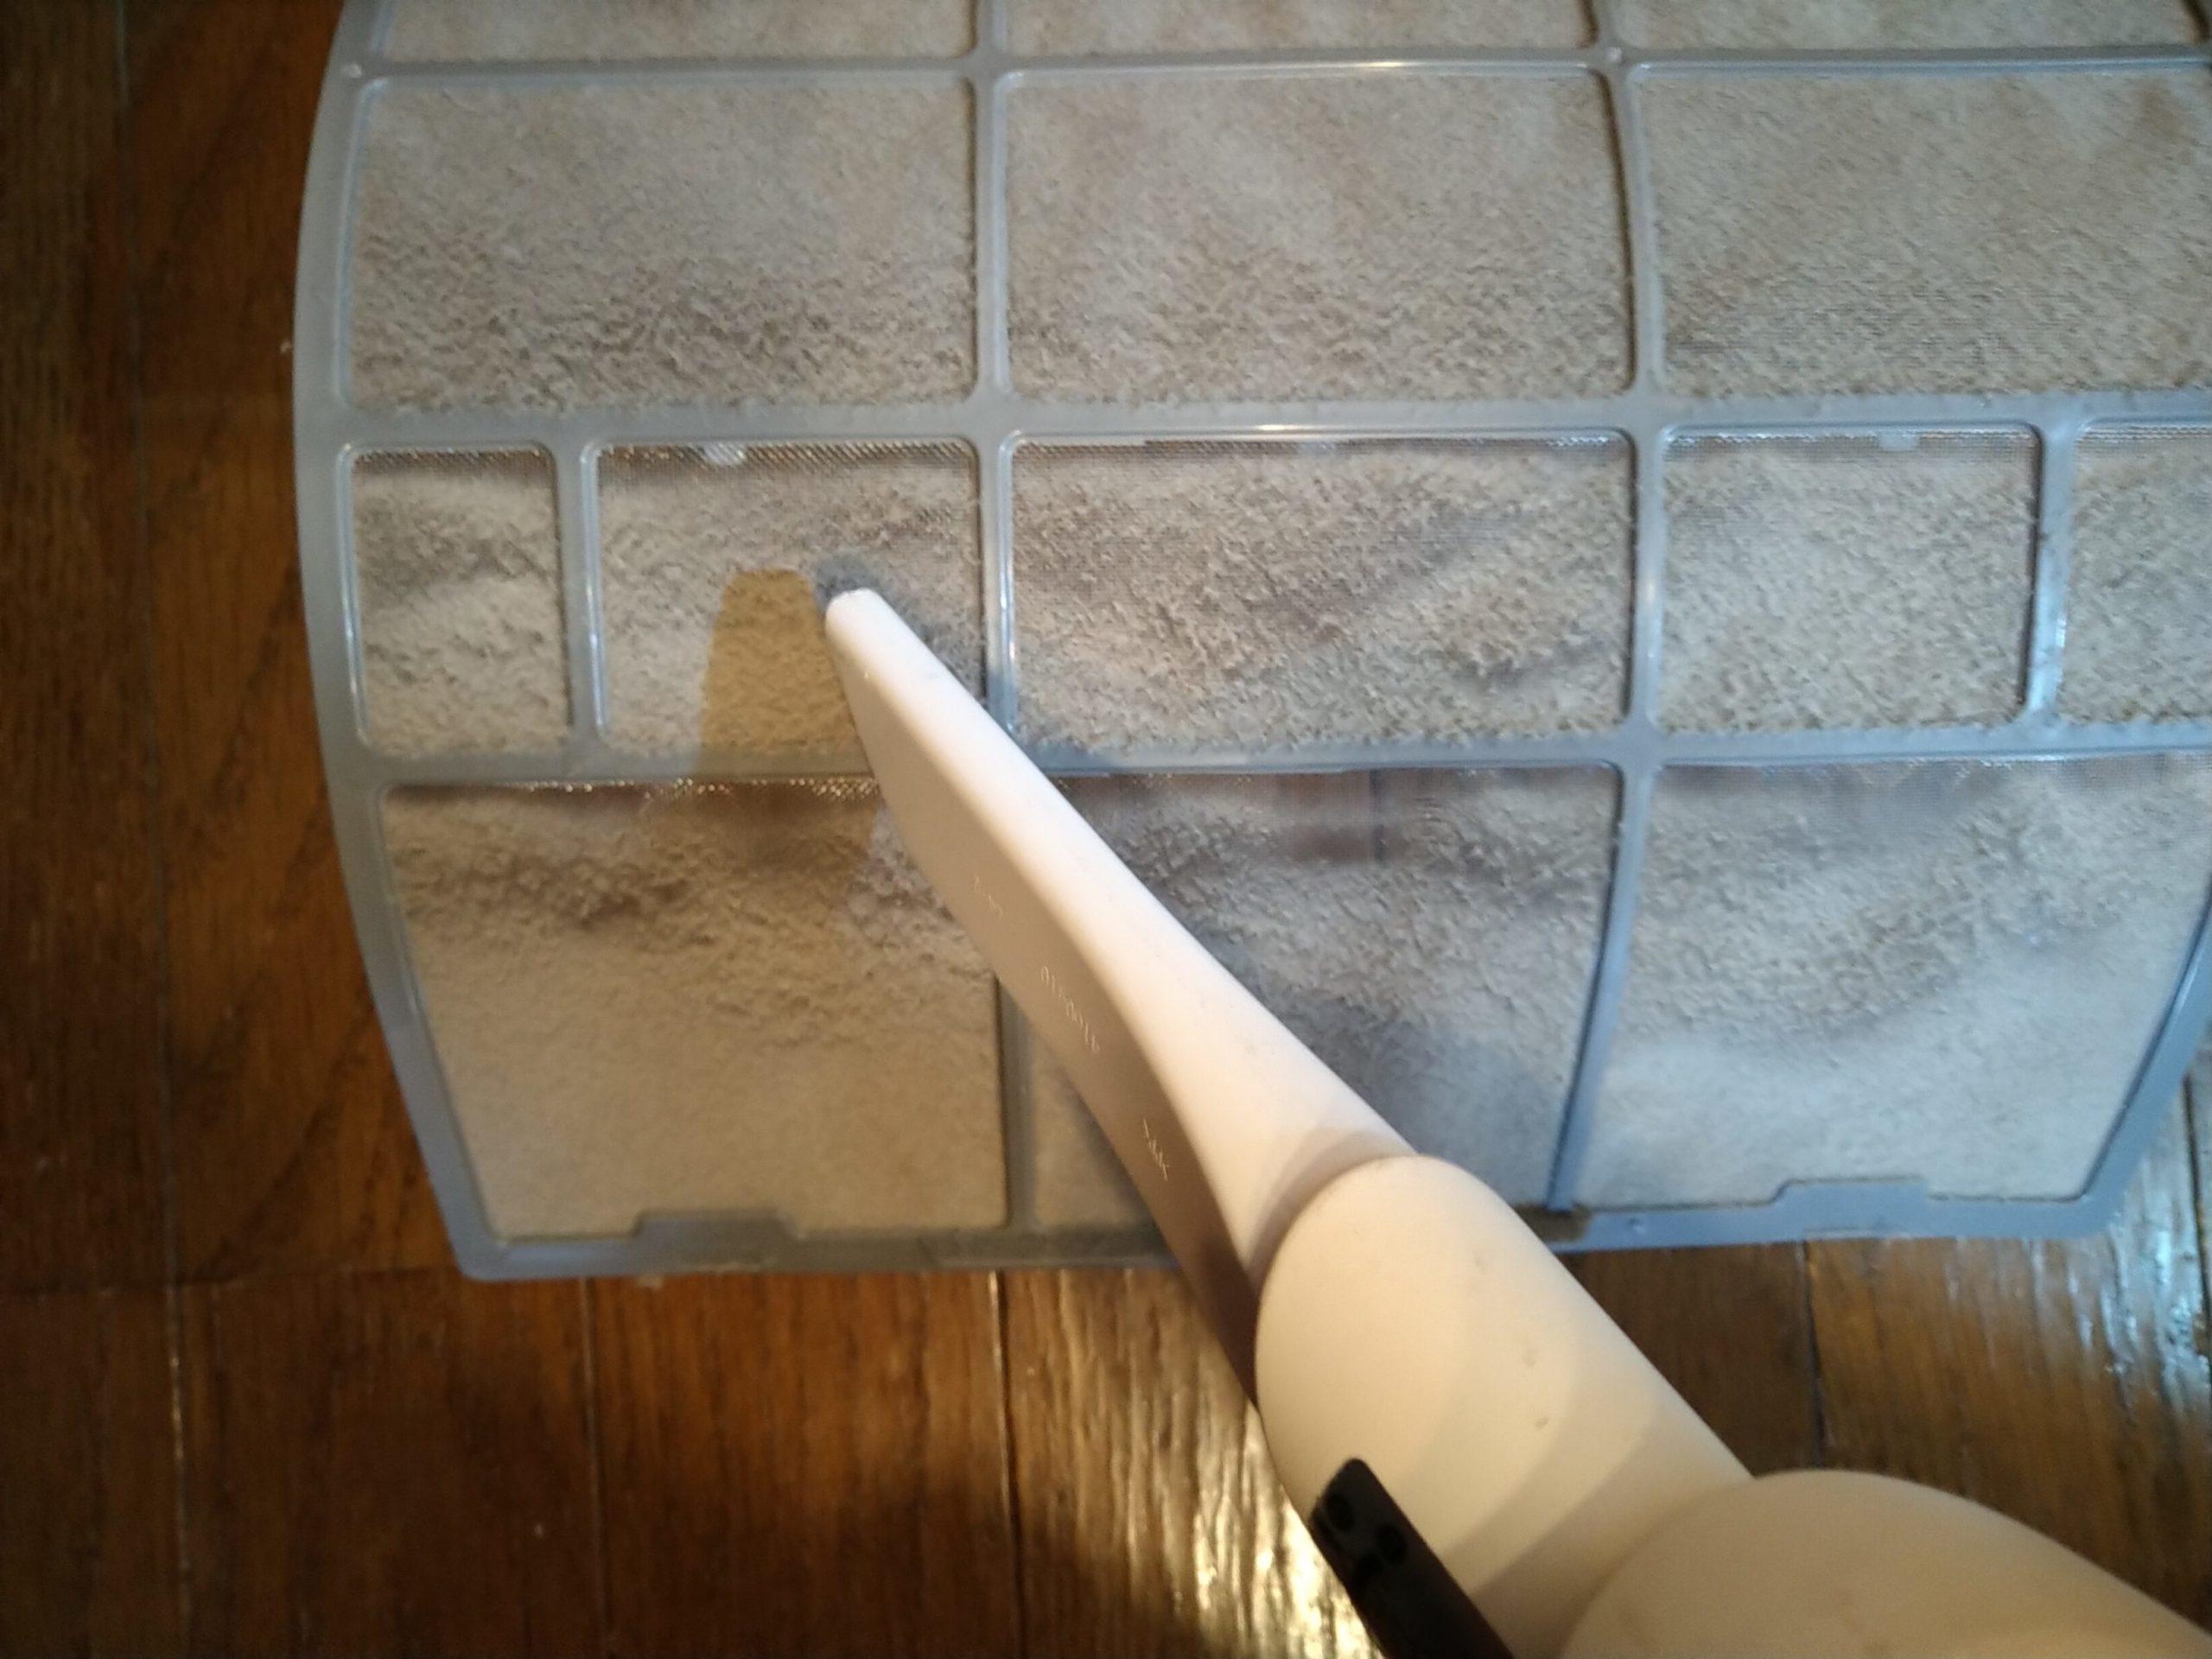 ハイセンスのエアコンのフィルター掃除